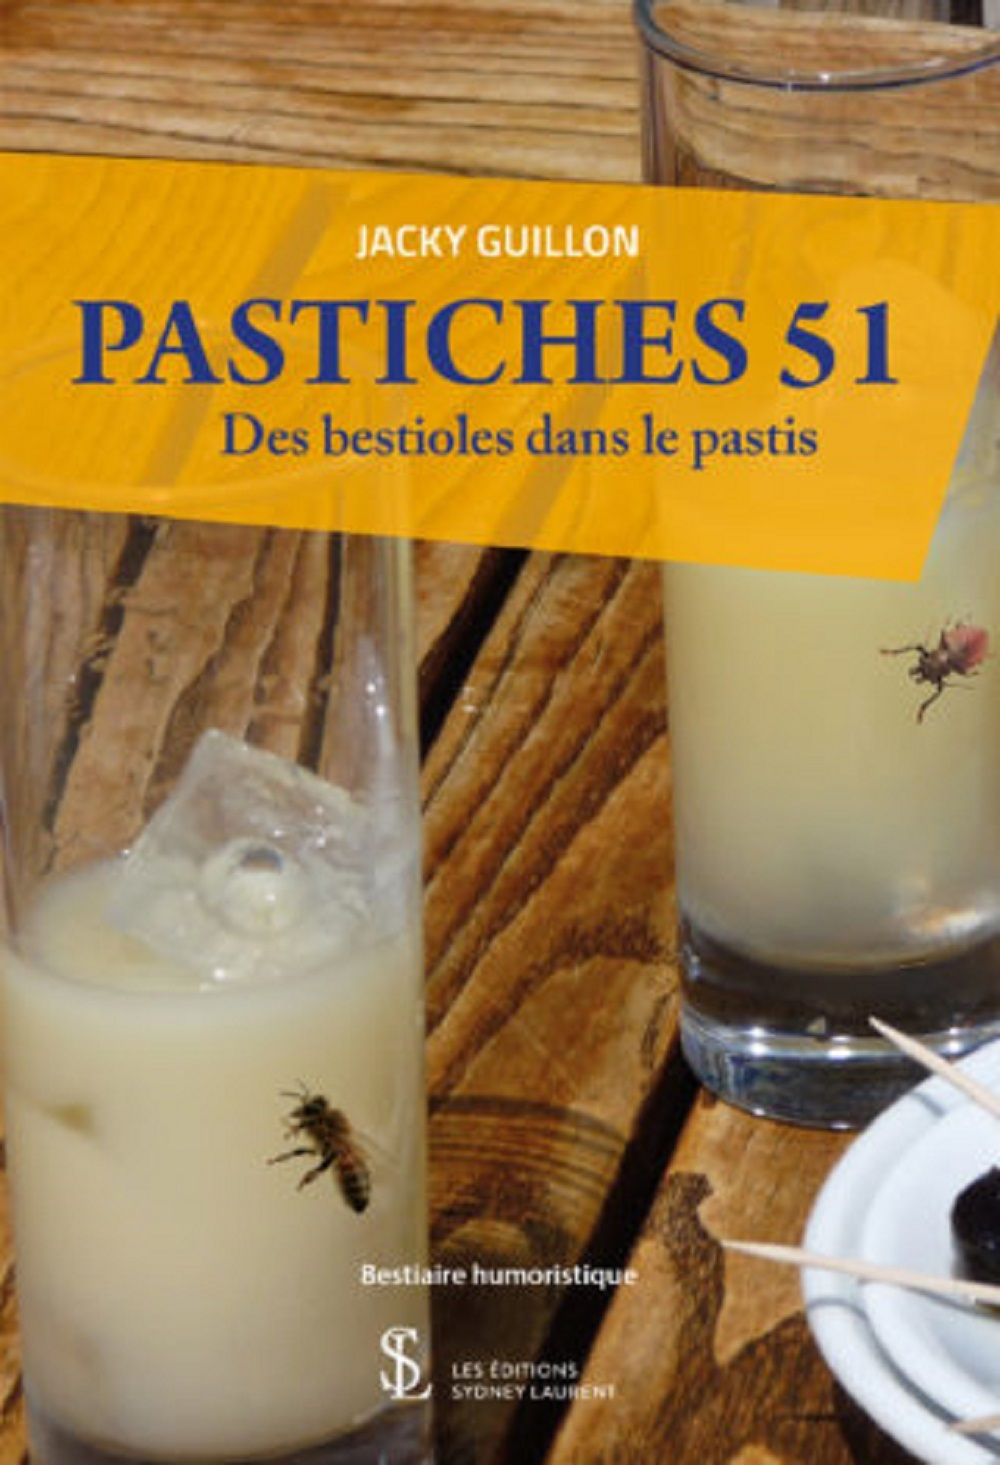 PASTICHES 51 DES BESTIOLES DANS LE PASTIS